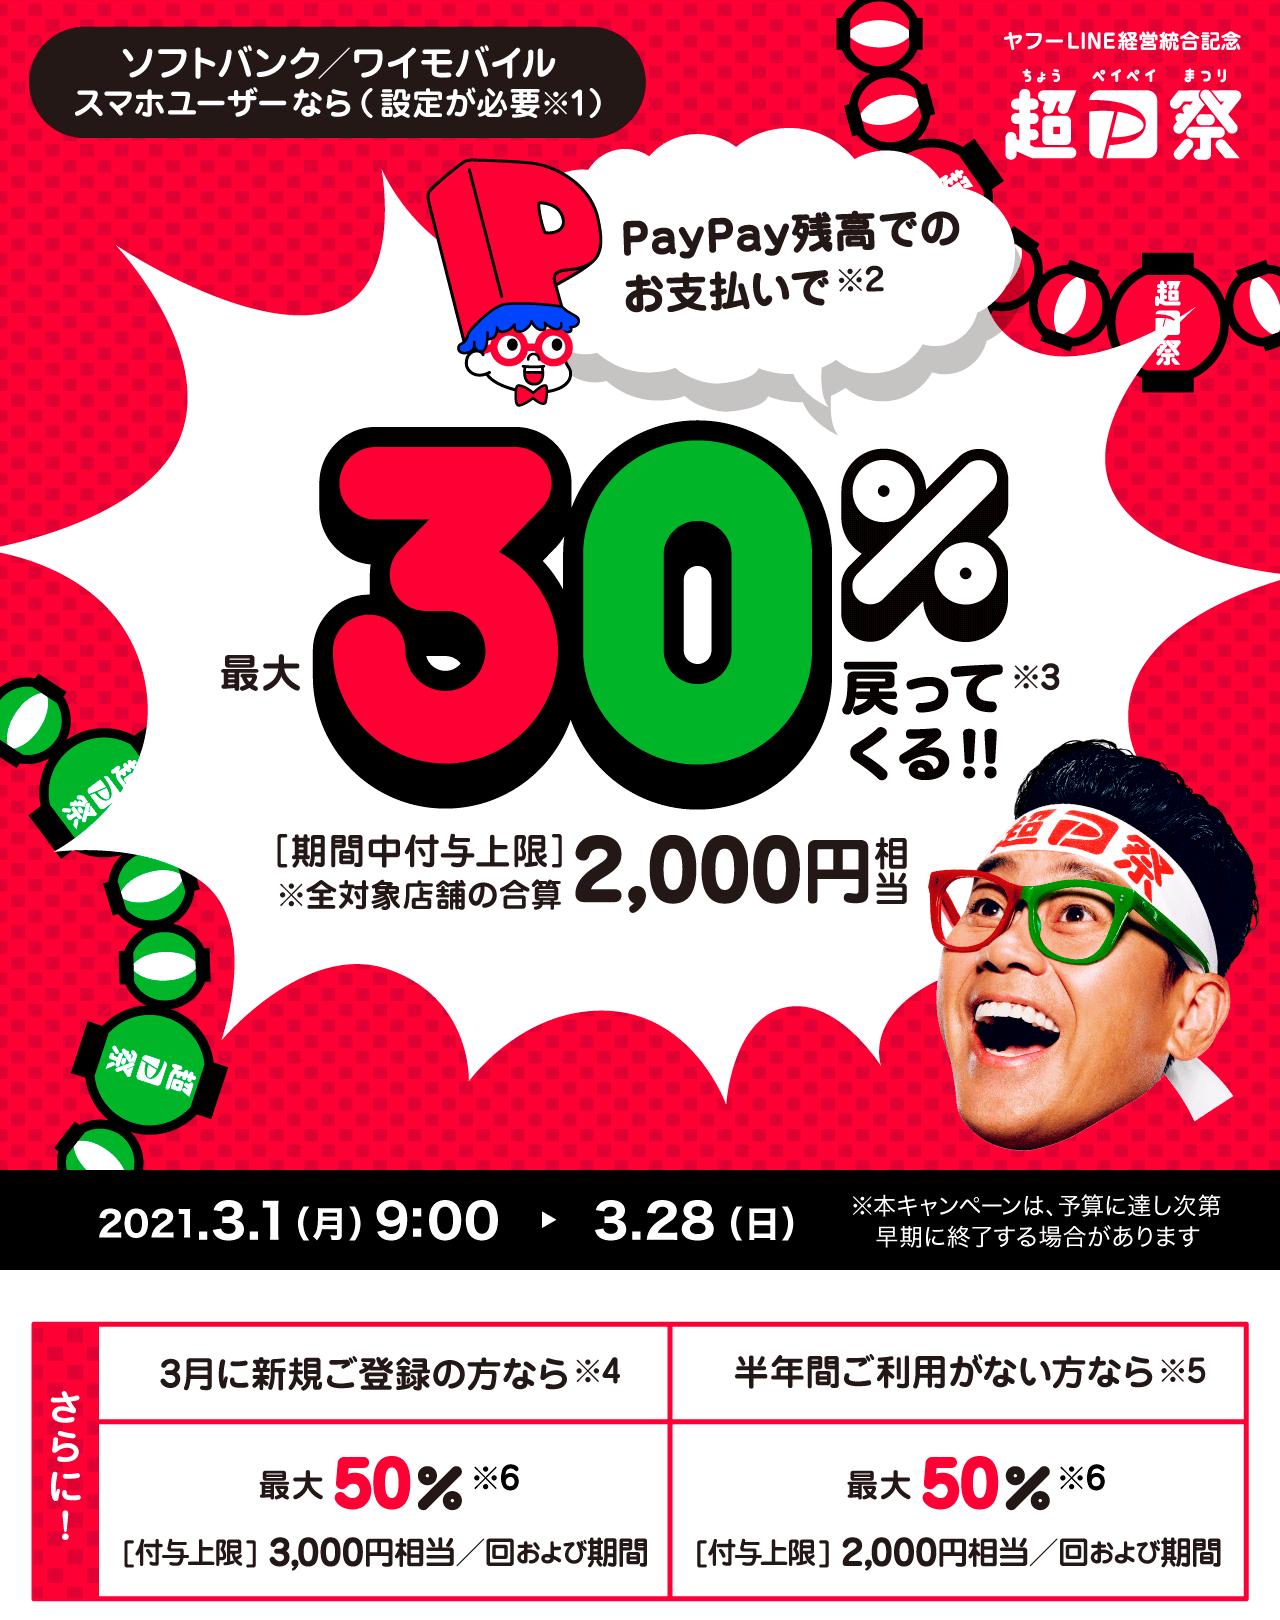 ソフトバンク/ワイモバイルスマホユーザーなら PayPay残高でのお支払いで最大30%戻ってくる!!